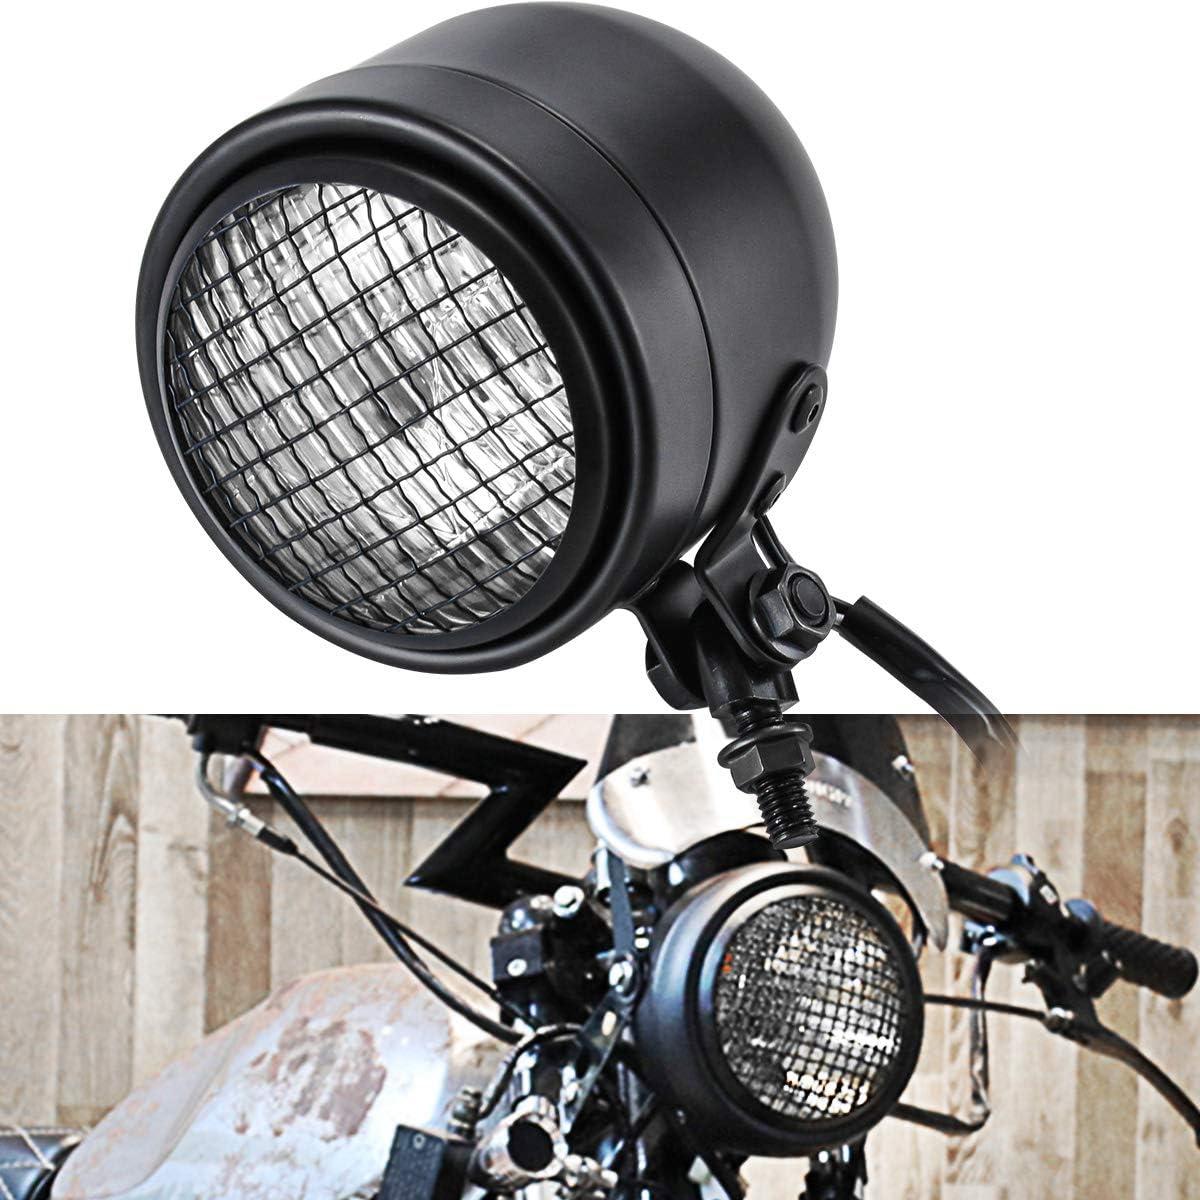 NATGIC Faro per Moto Faro per Moto 12V Faro Anteriore per Moto Retr/ò per Harley Honda Suzuki Bikes Cruisers Chopper Bobber Cafe Racer Corpo Nero Lente Bianca